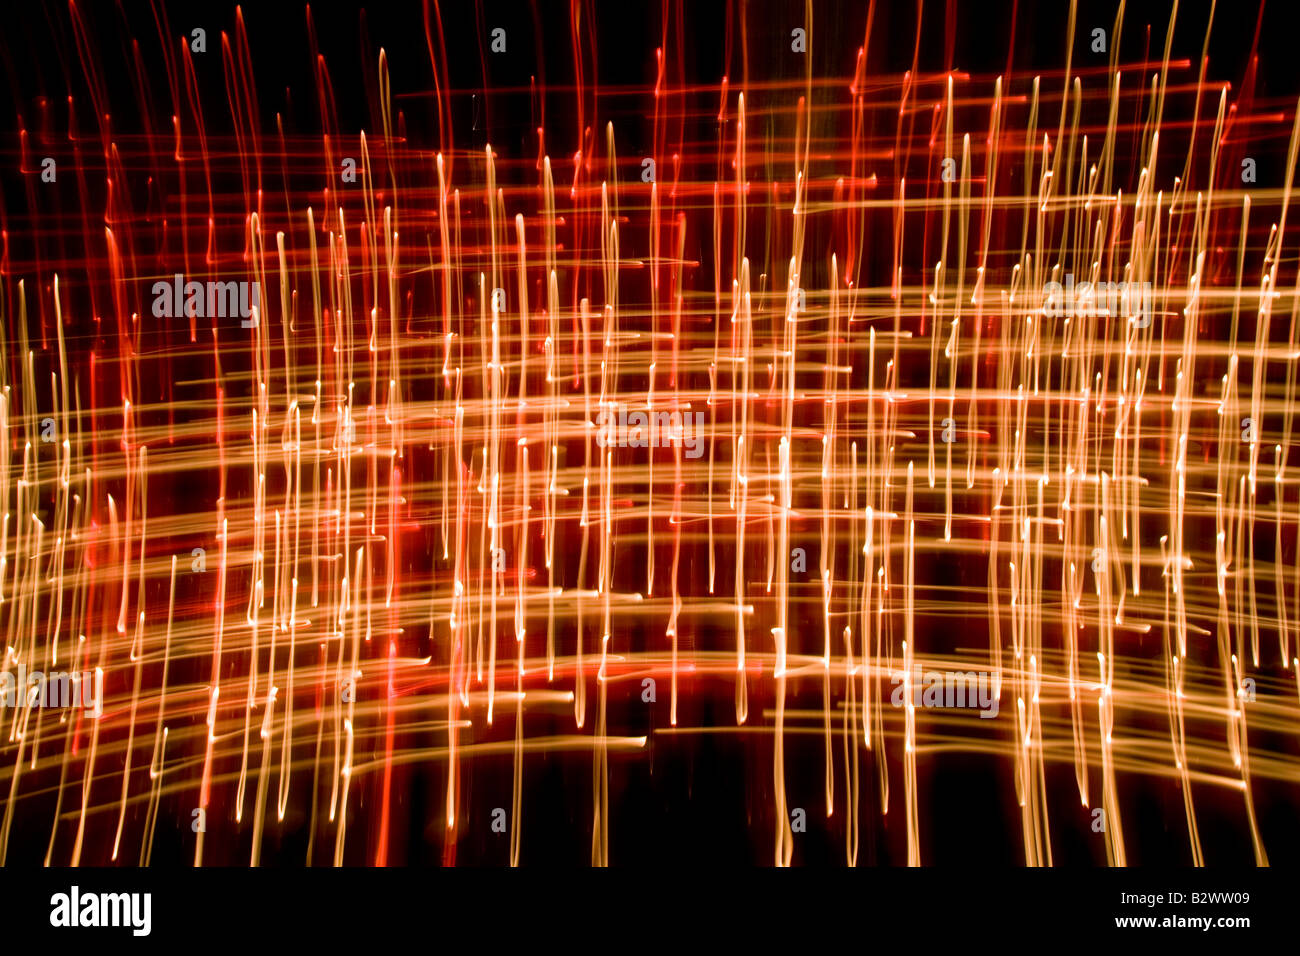 Les flammes de bougies Résumé prises avec une vitesse d'obturation lente dans une cathédrale Photo Stock